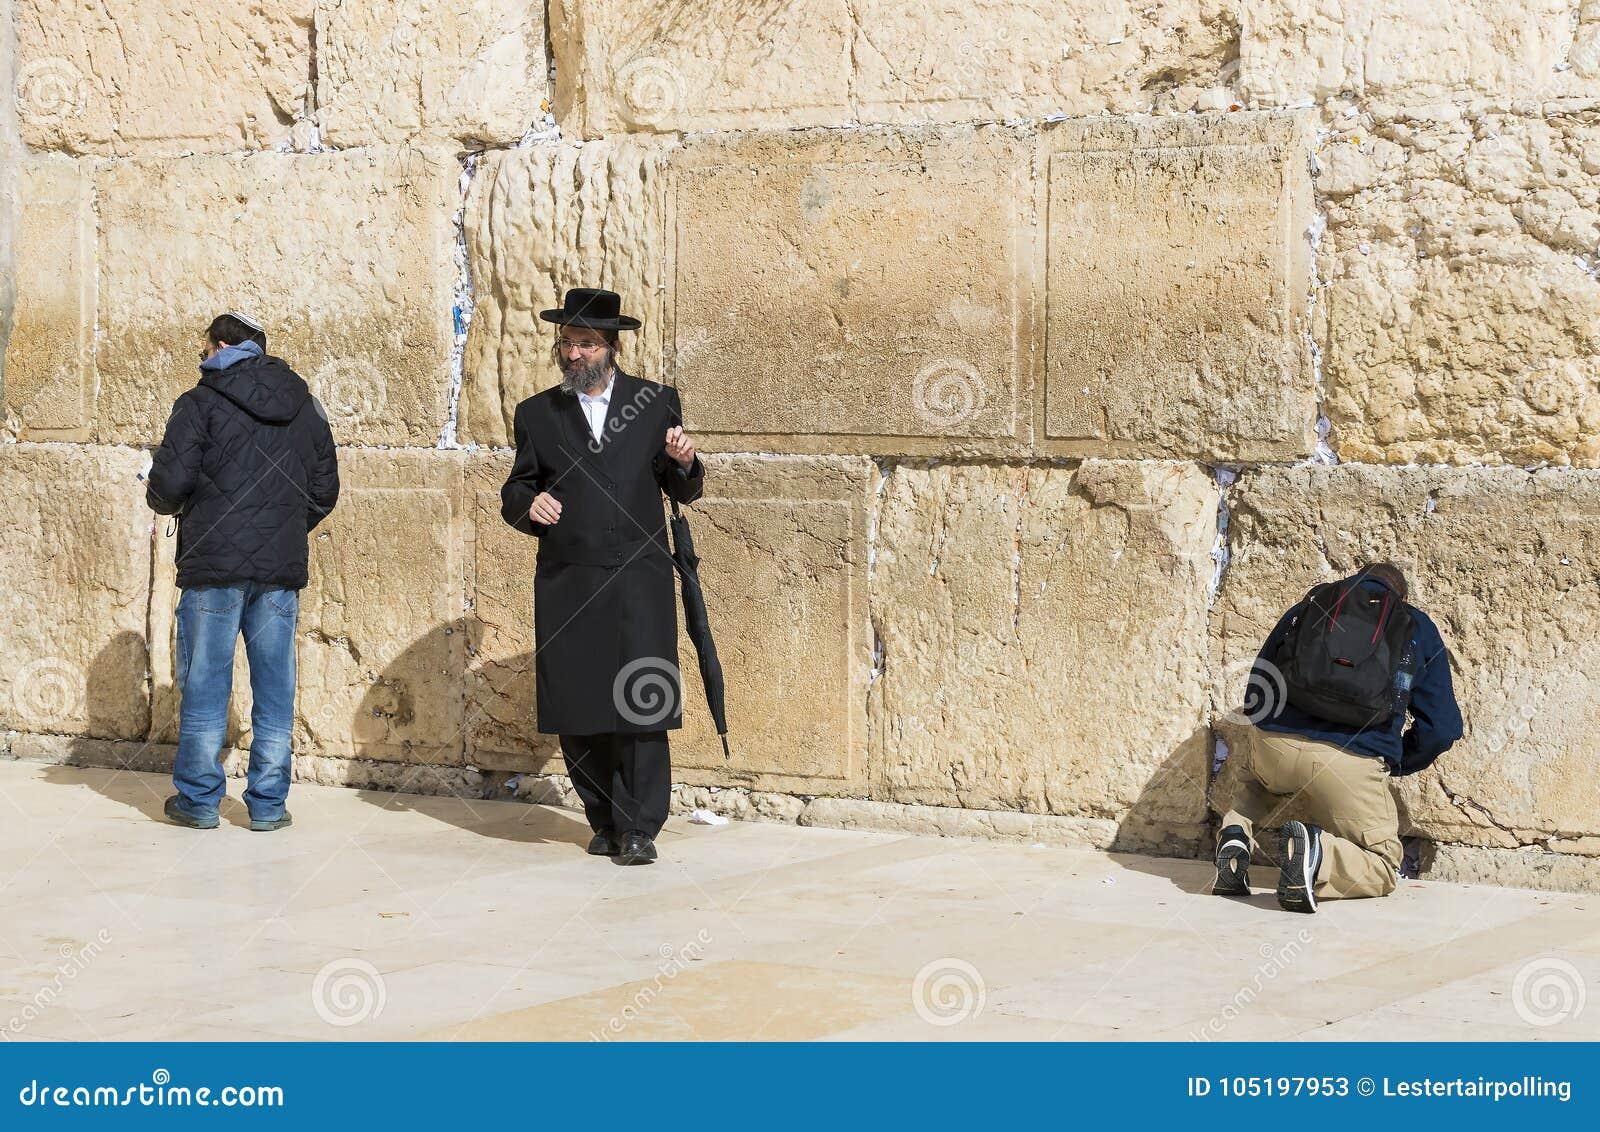 Pilgrims ber på väggen av gråta av det heliga stället av det judiska folket och mitten av dyrkan av kristen runt om